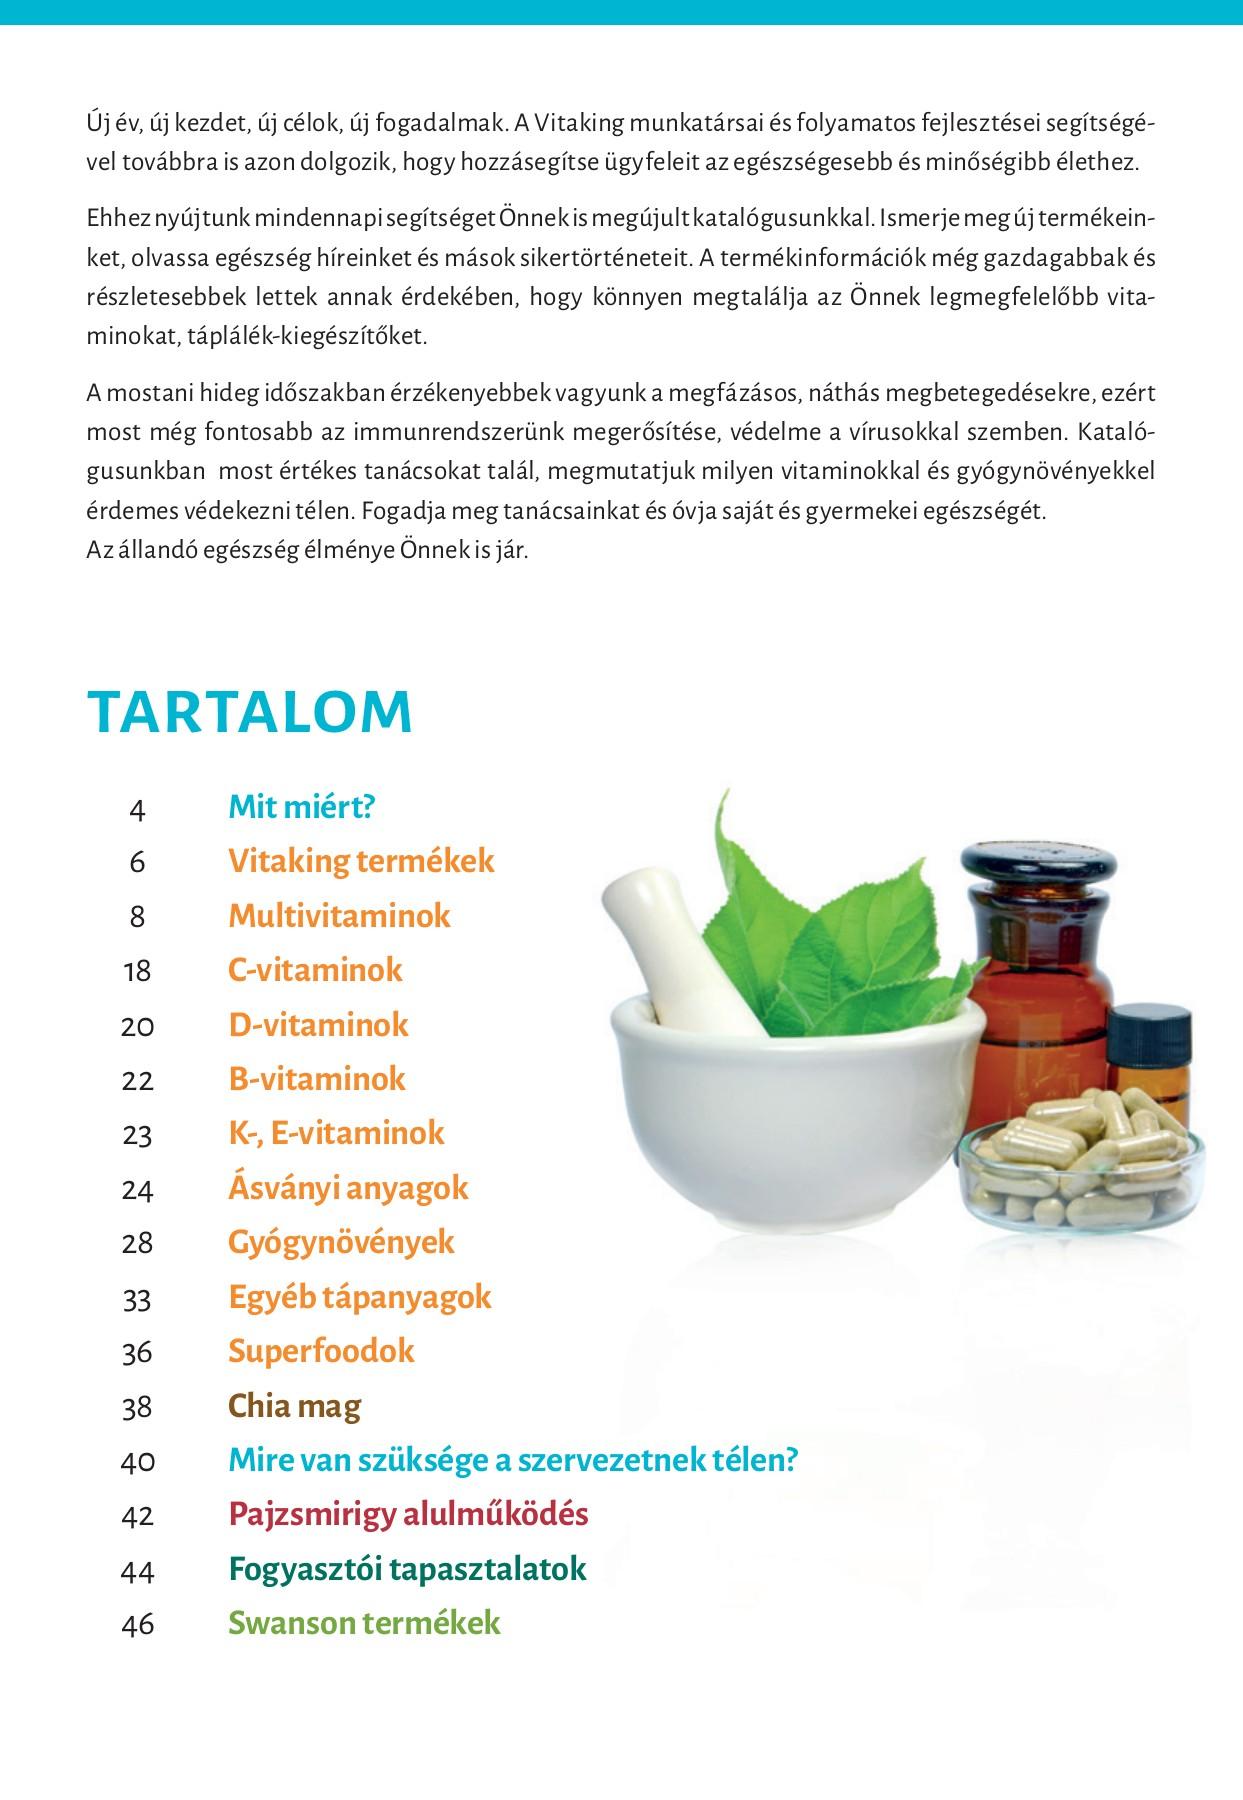 vitaminok kapszulákban a látáshoz